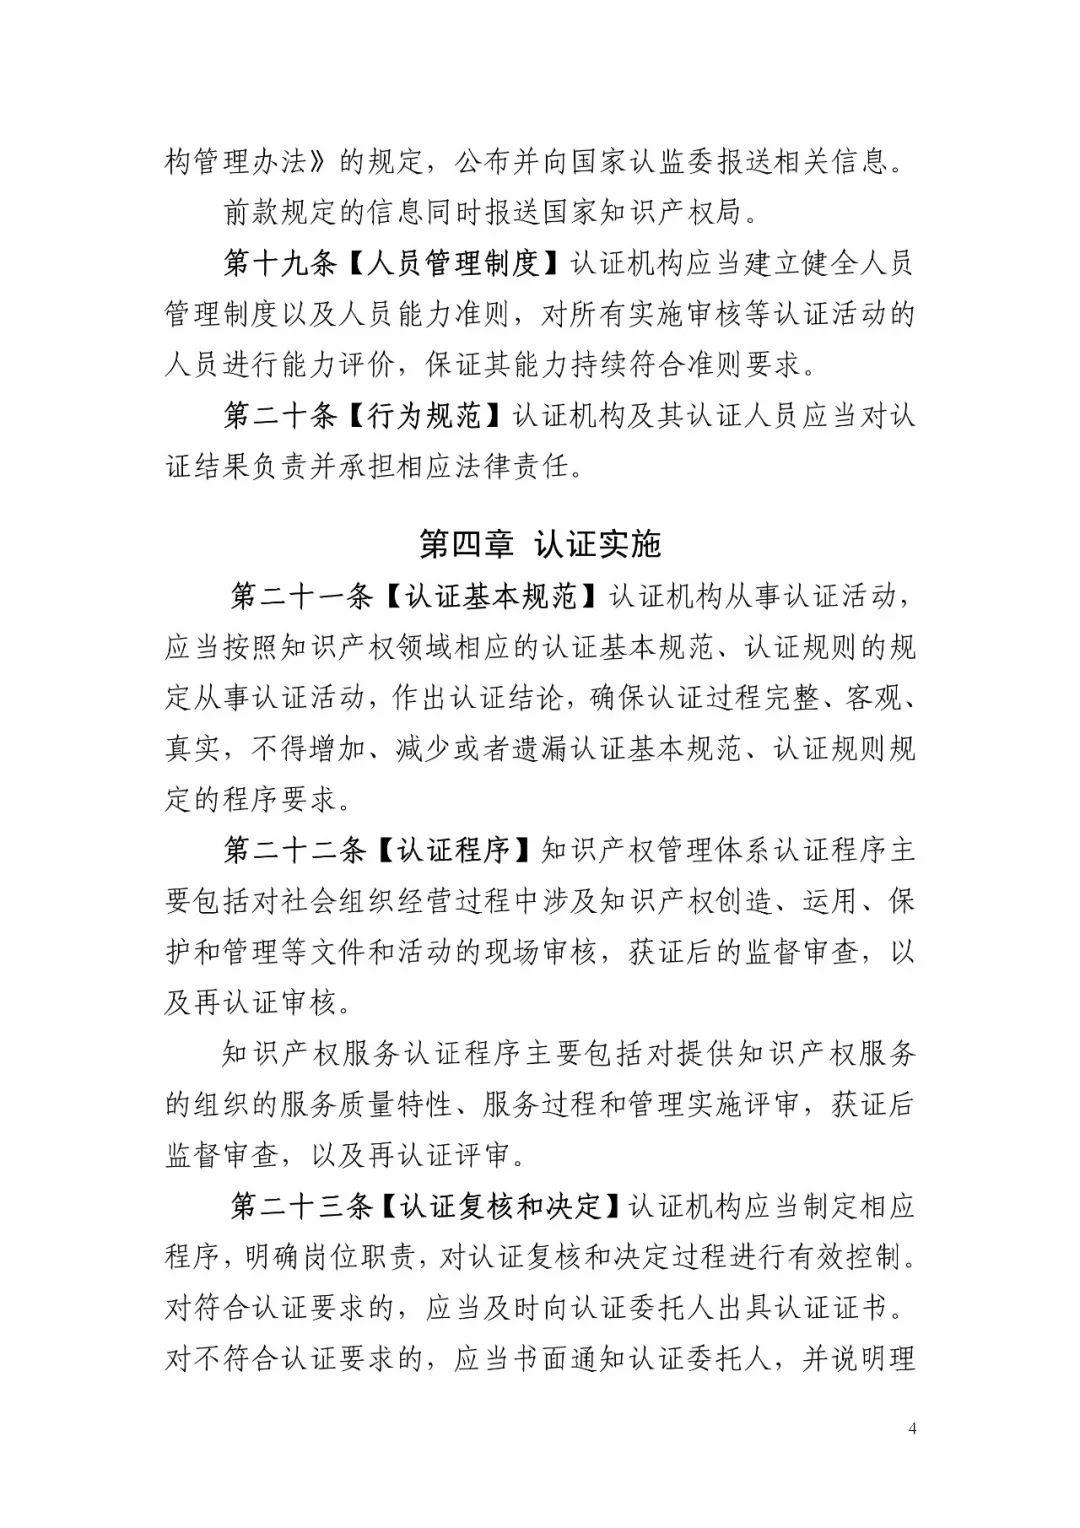 国知局:《知识产权认证管理办法(征求意见稿)》全文